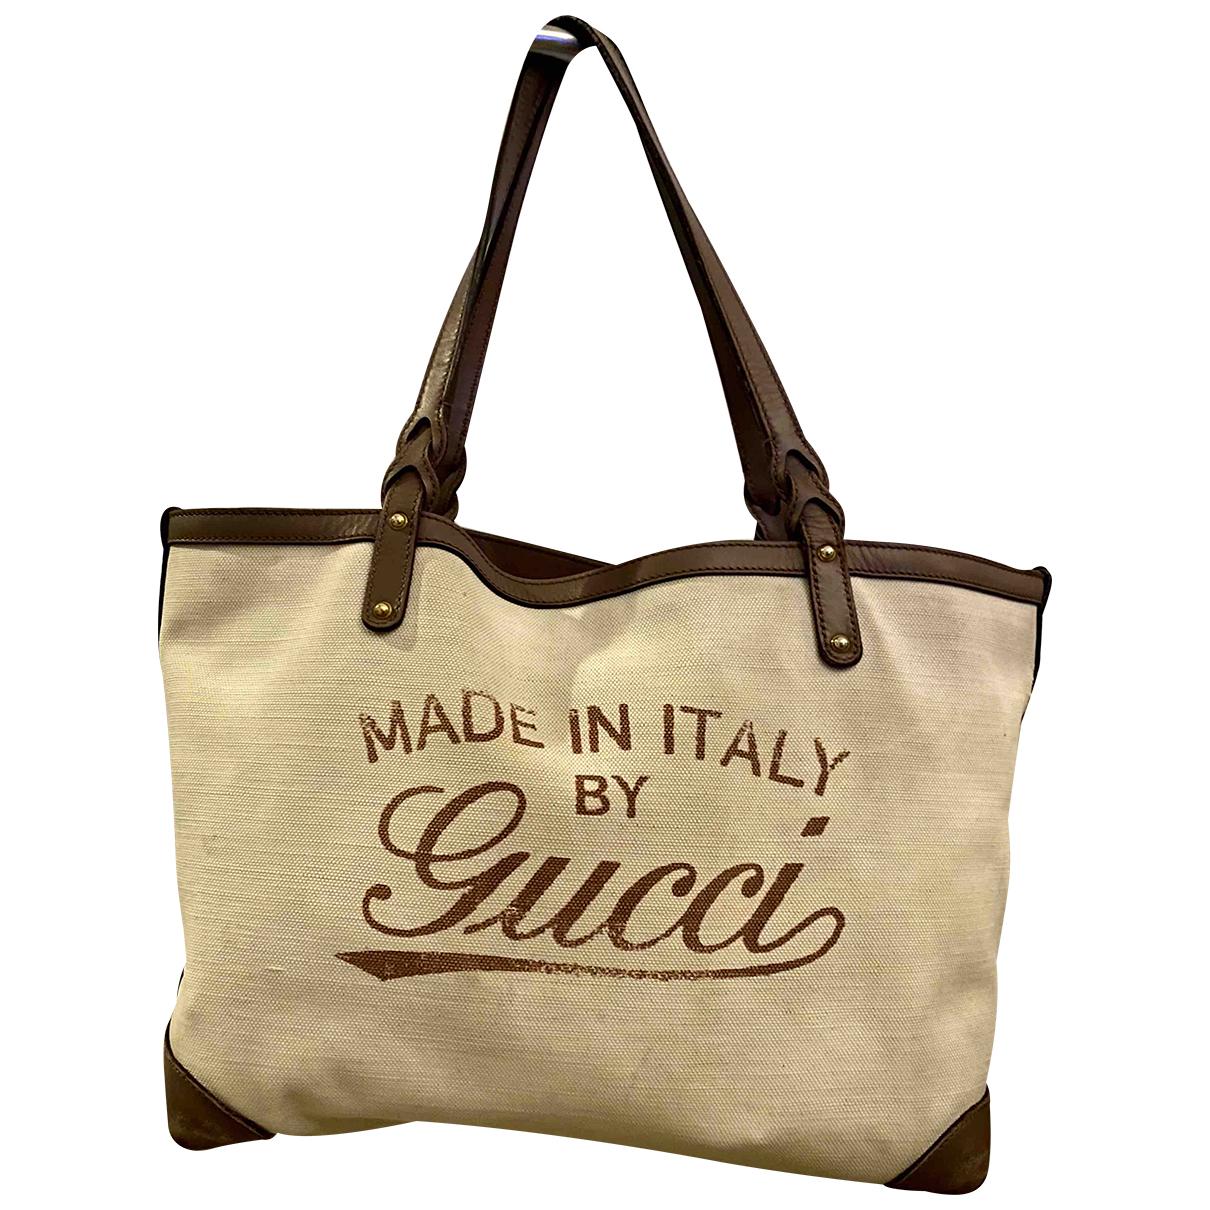 Gucci - Sac a main   pour femme en toile